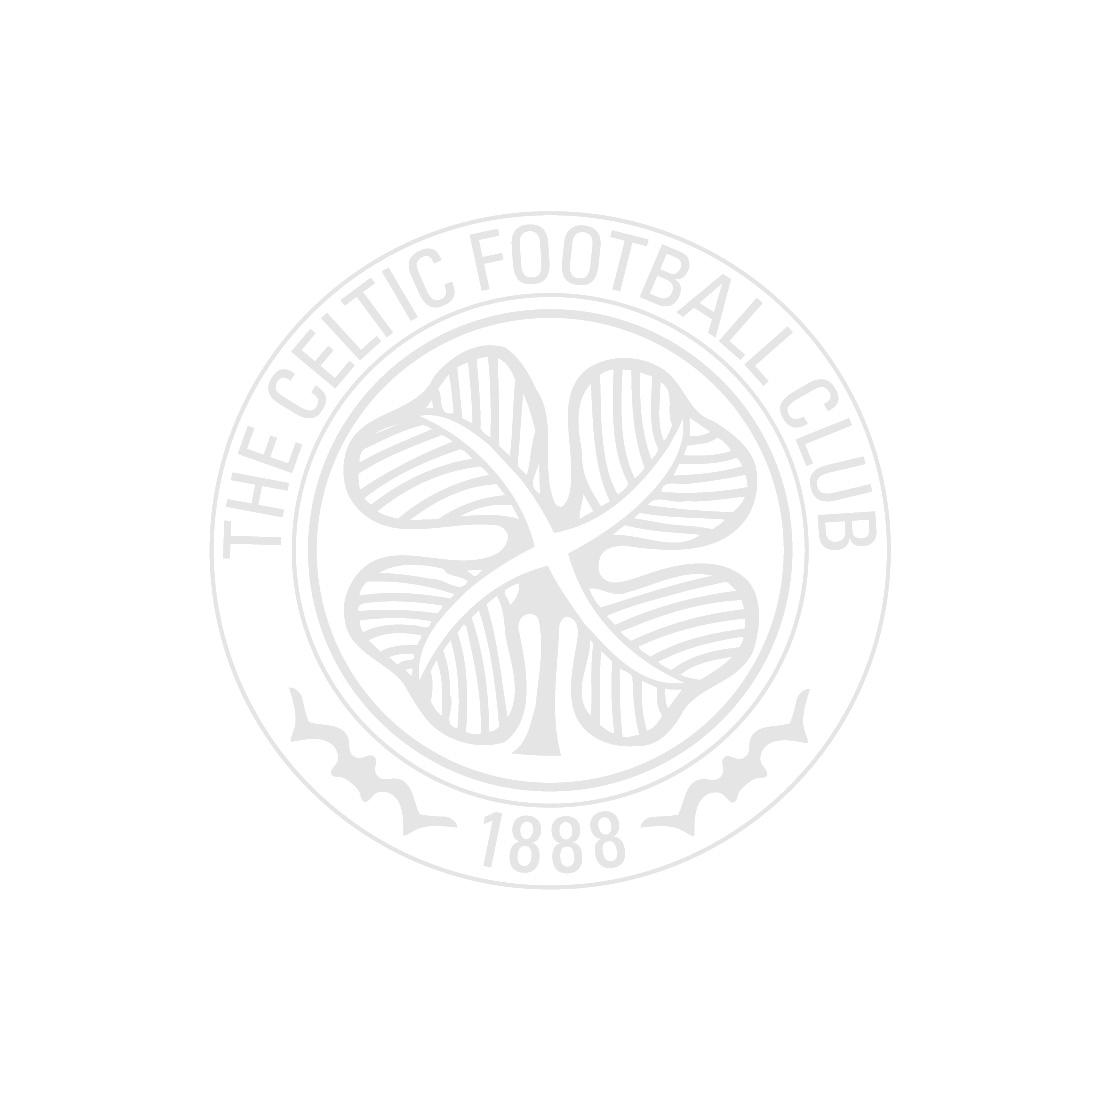 Celtic Crest Dimple Pint Glass